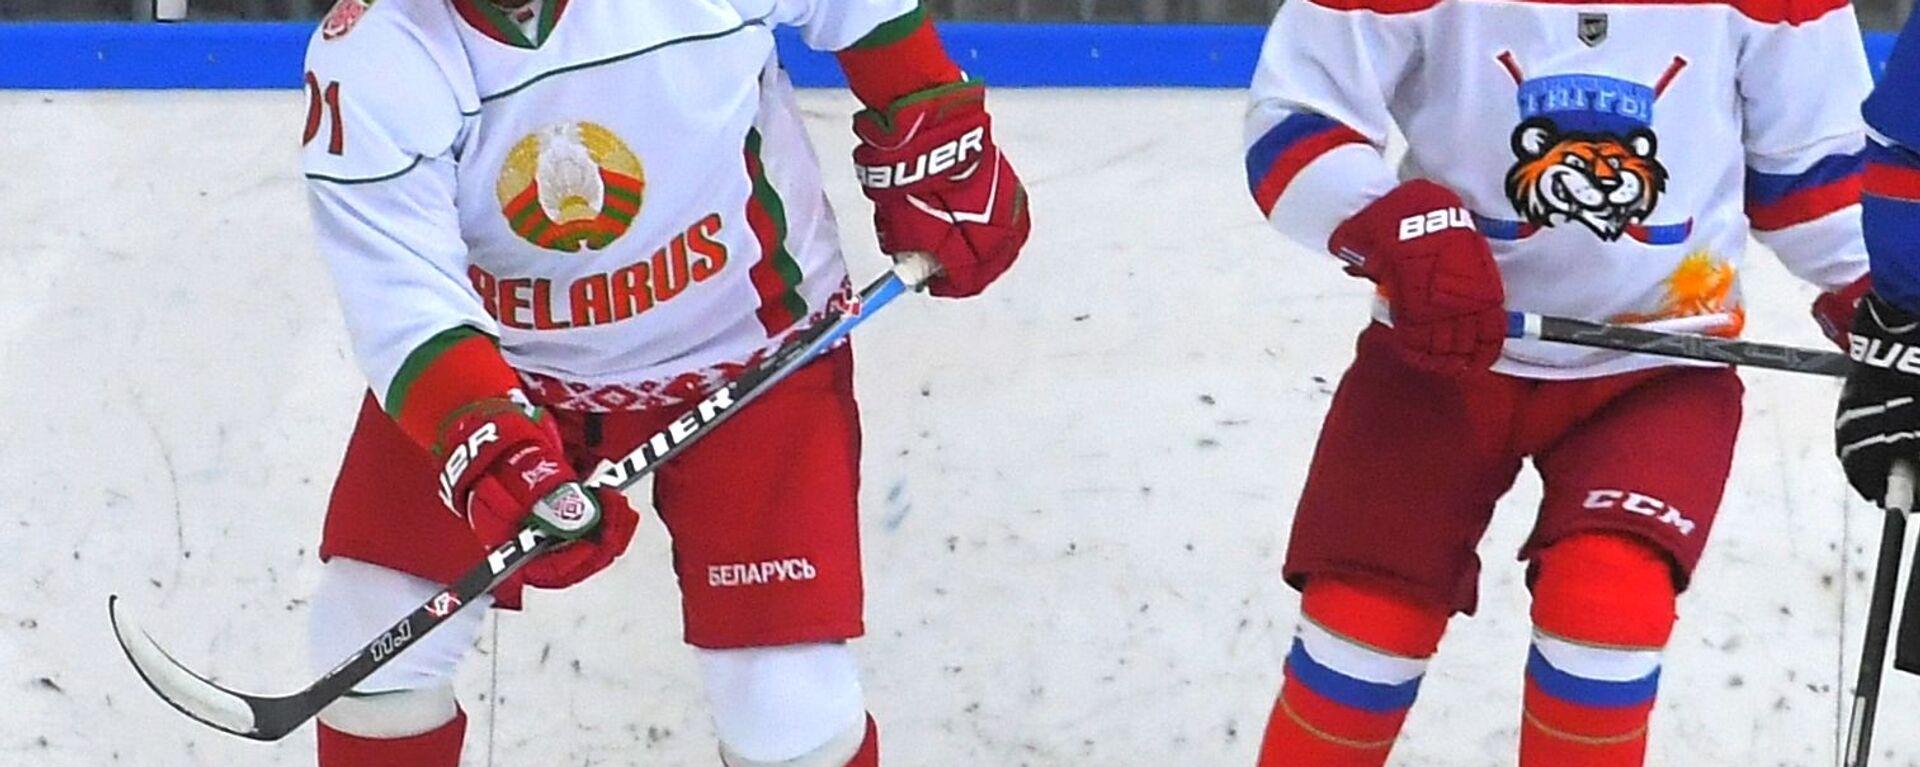 Władimir Putin i Aleksandr Łukaszenka grają w hokeja w Soczi - Sputnik Polska, 1920, 01.10.2021